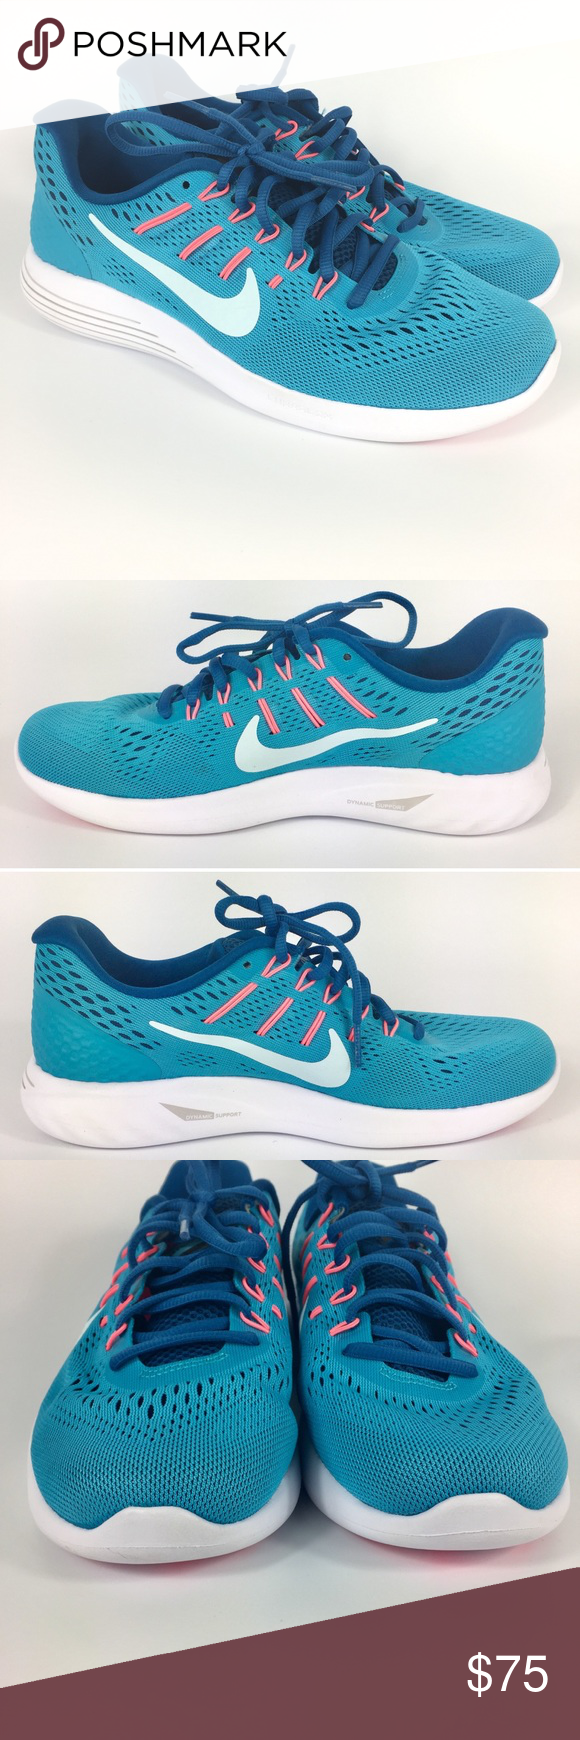 ab665c6b6daea Nike Lunarglide 8 Running Sneakers 843726-405 Blue These Nike Lunarglide 8  running sneakers are